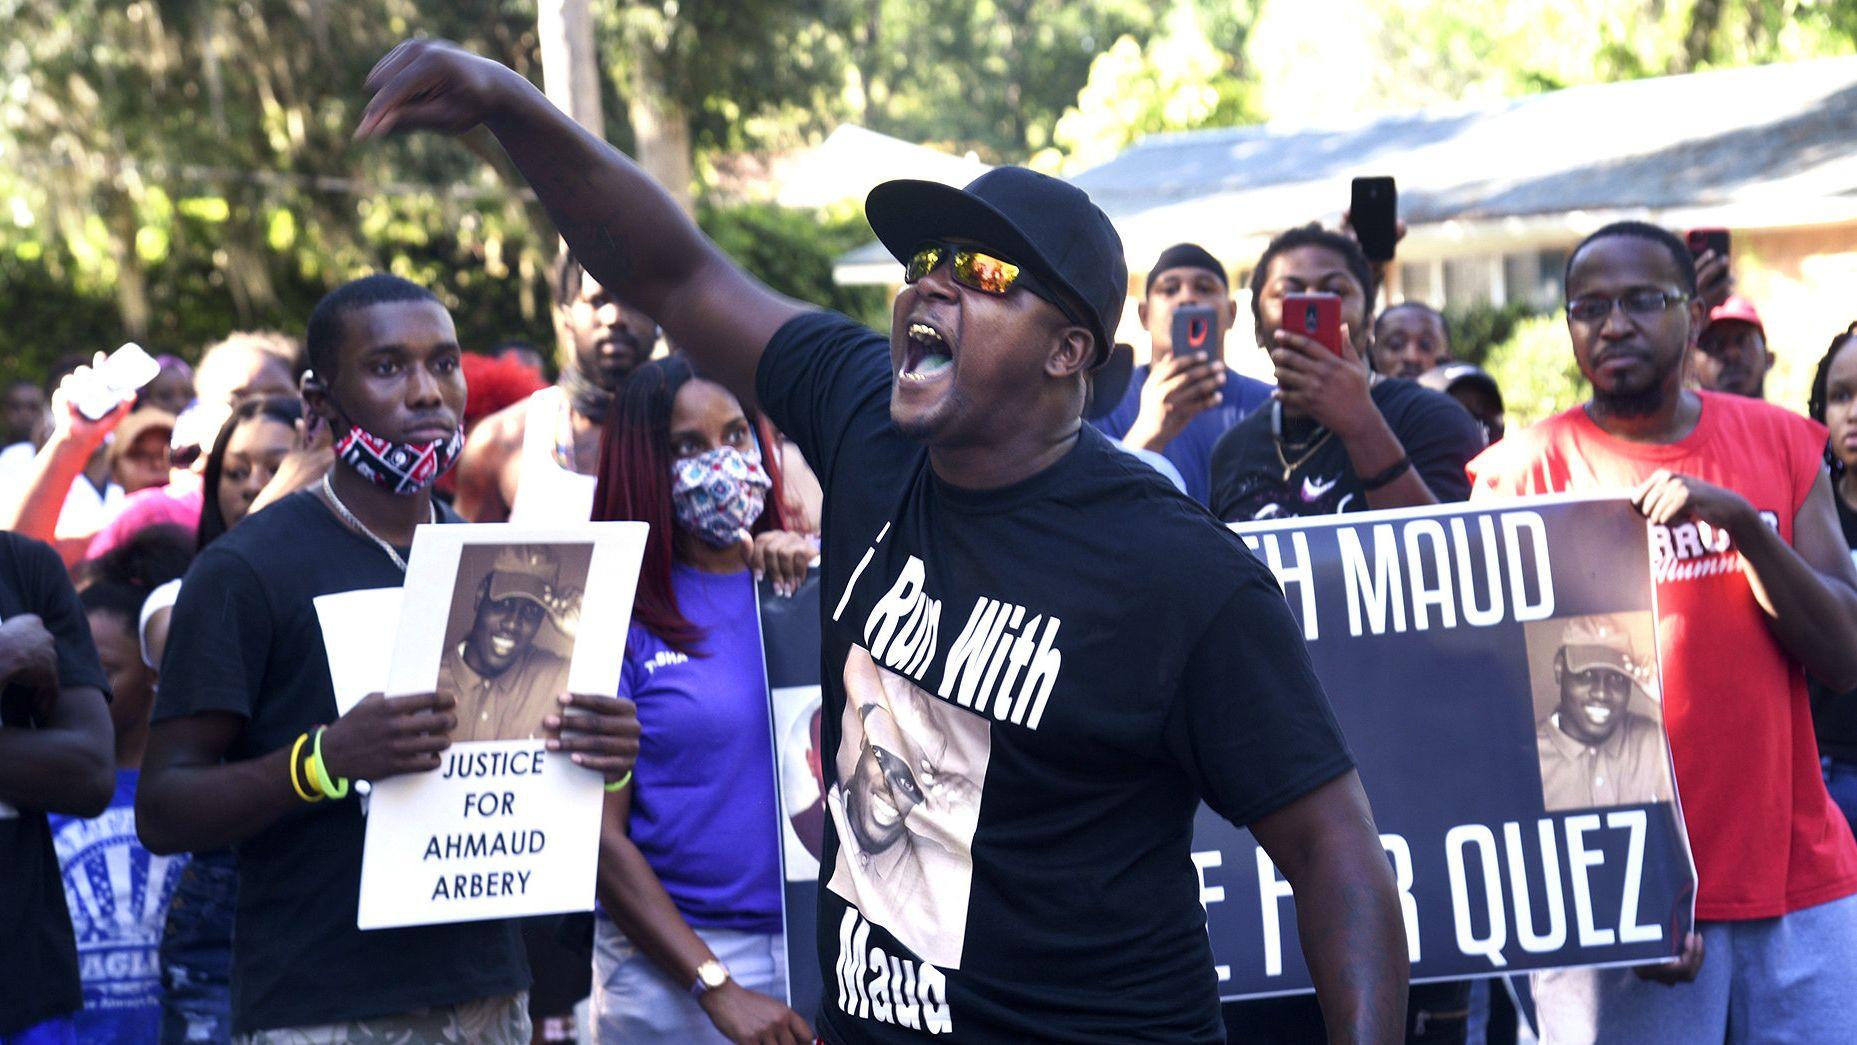 Die Schüsse auf das 25-jährige Opfer sorgten für Proteste in Georgia.